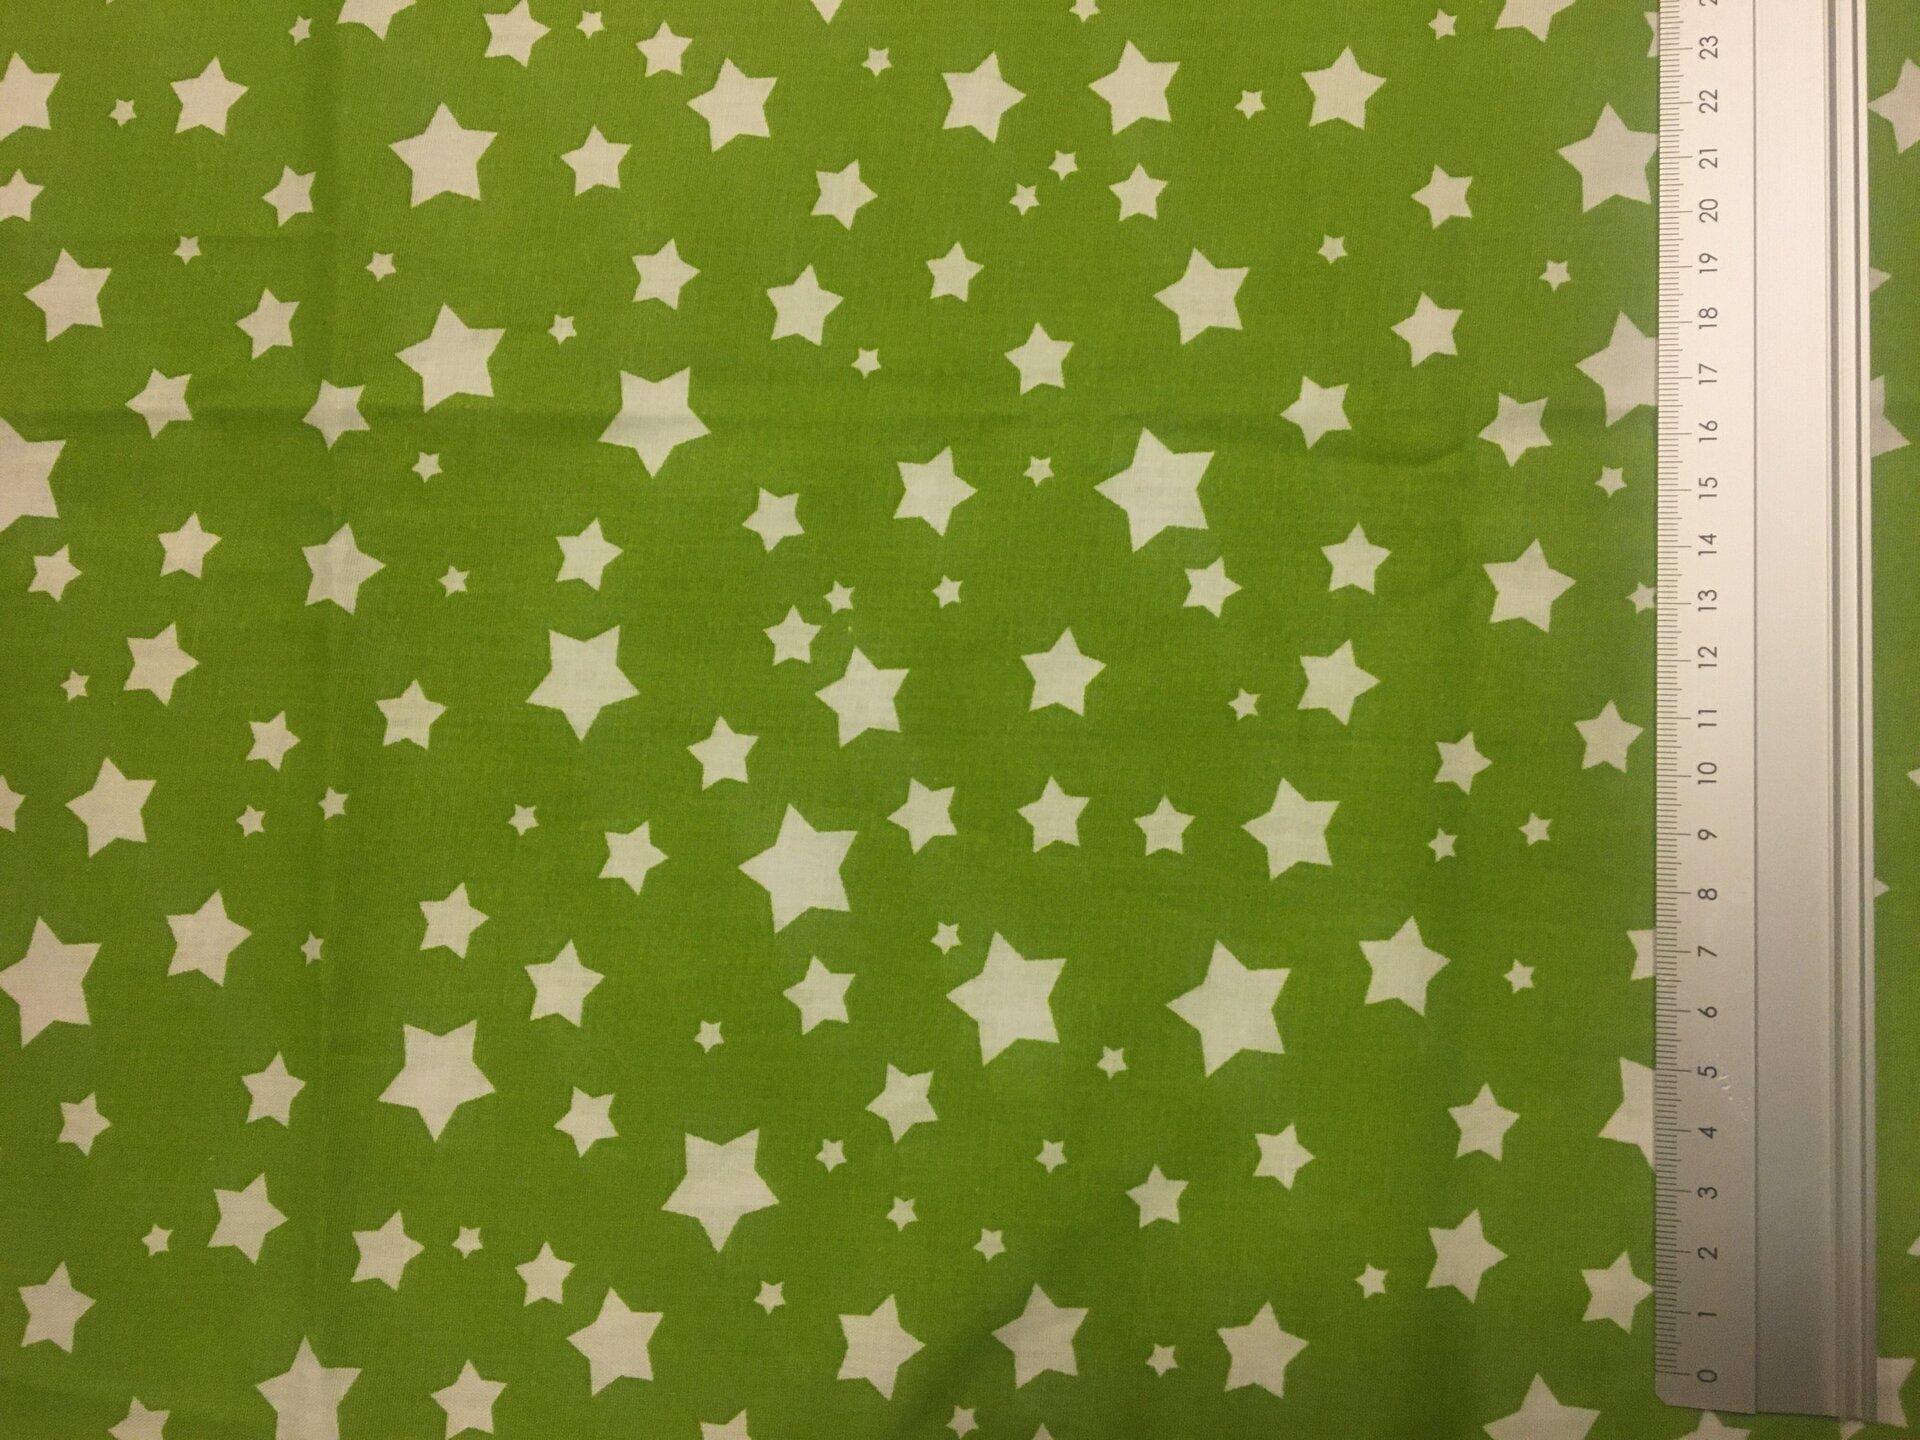 Motiv 3 grün mit Sternen